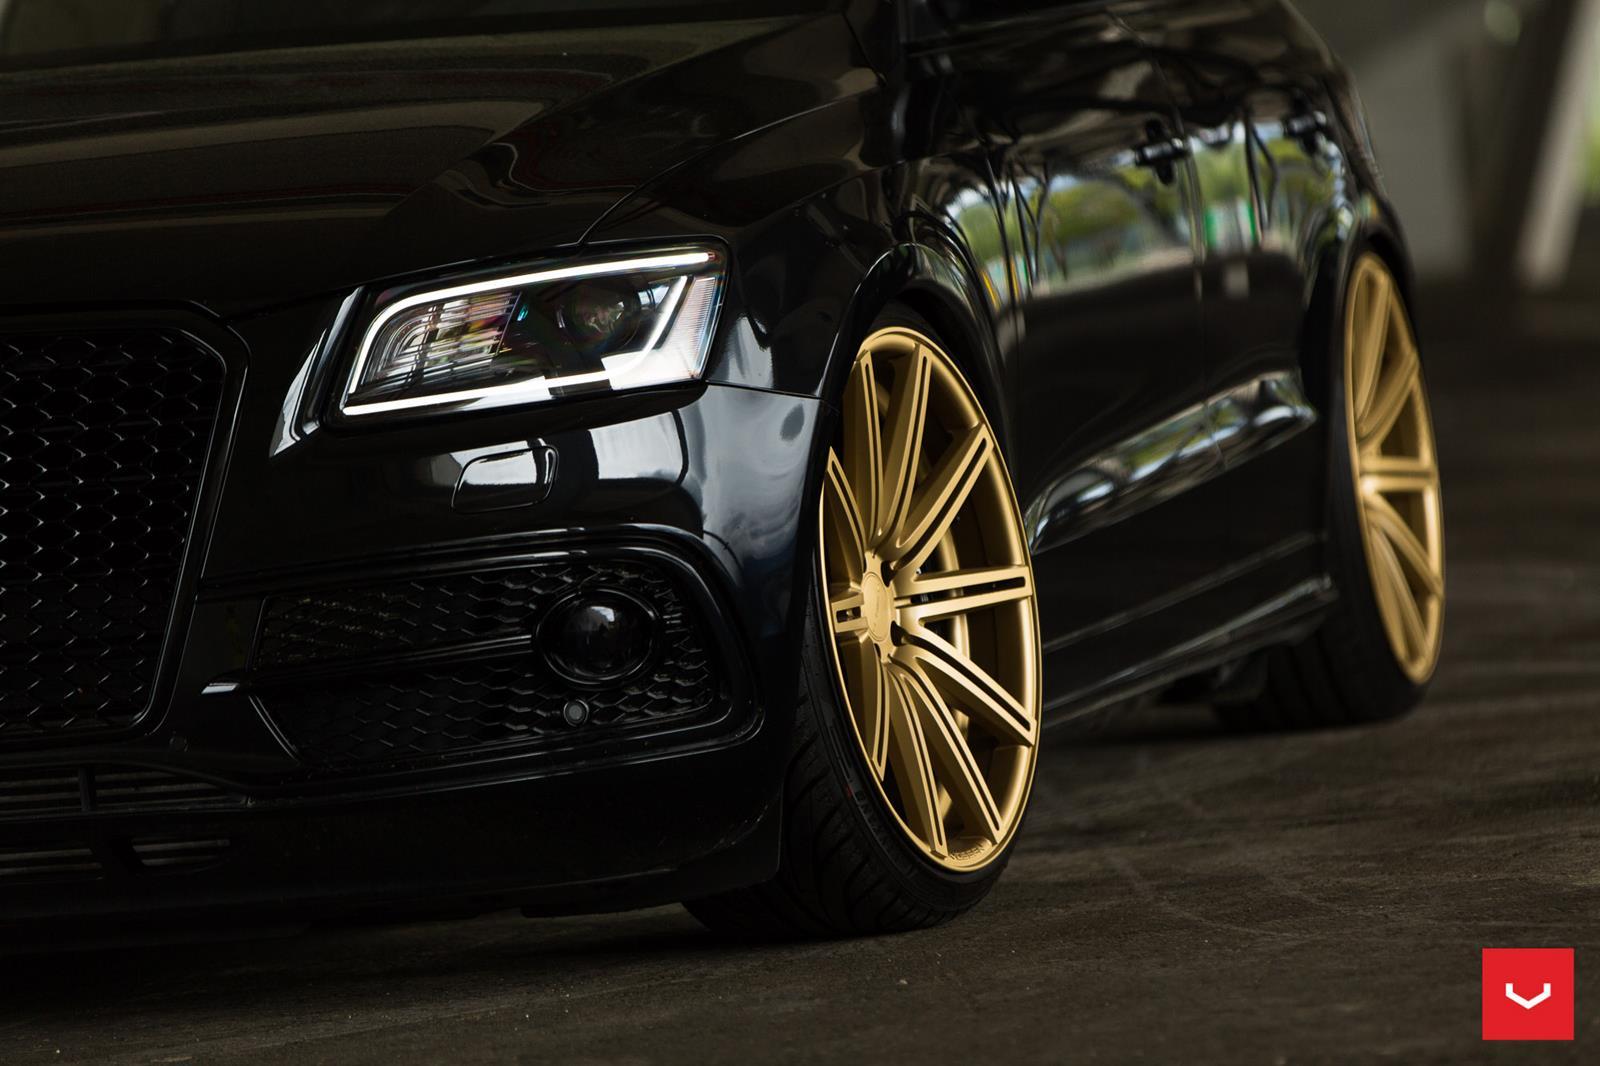 Audi Sq5 Vossen Cv4 Vossen Wheels